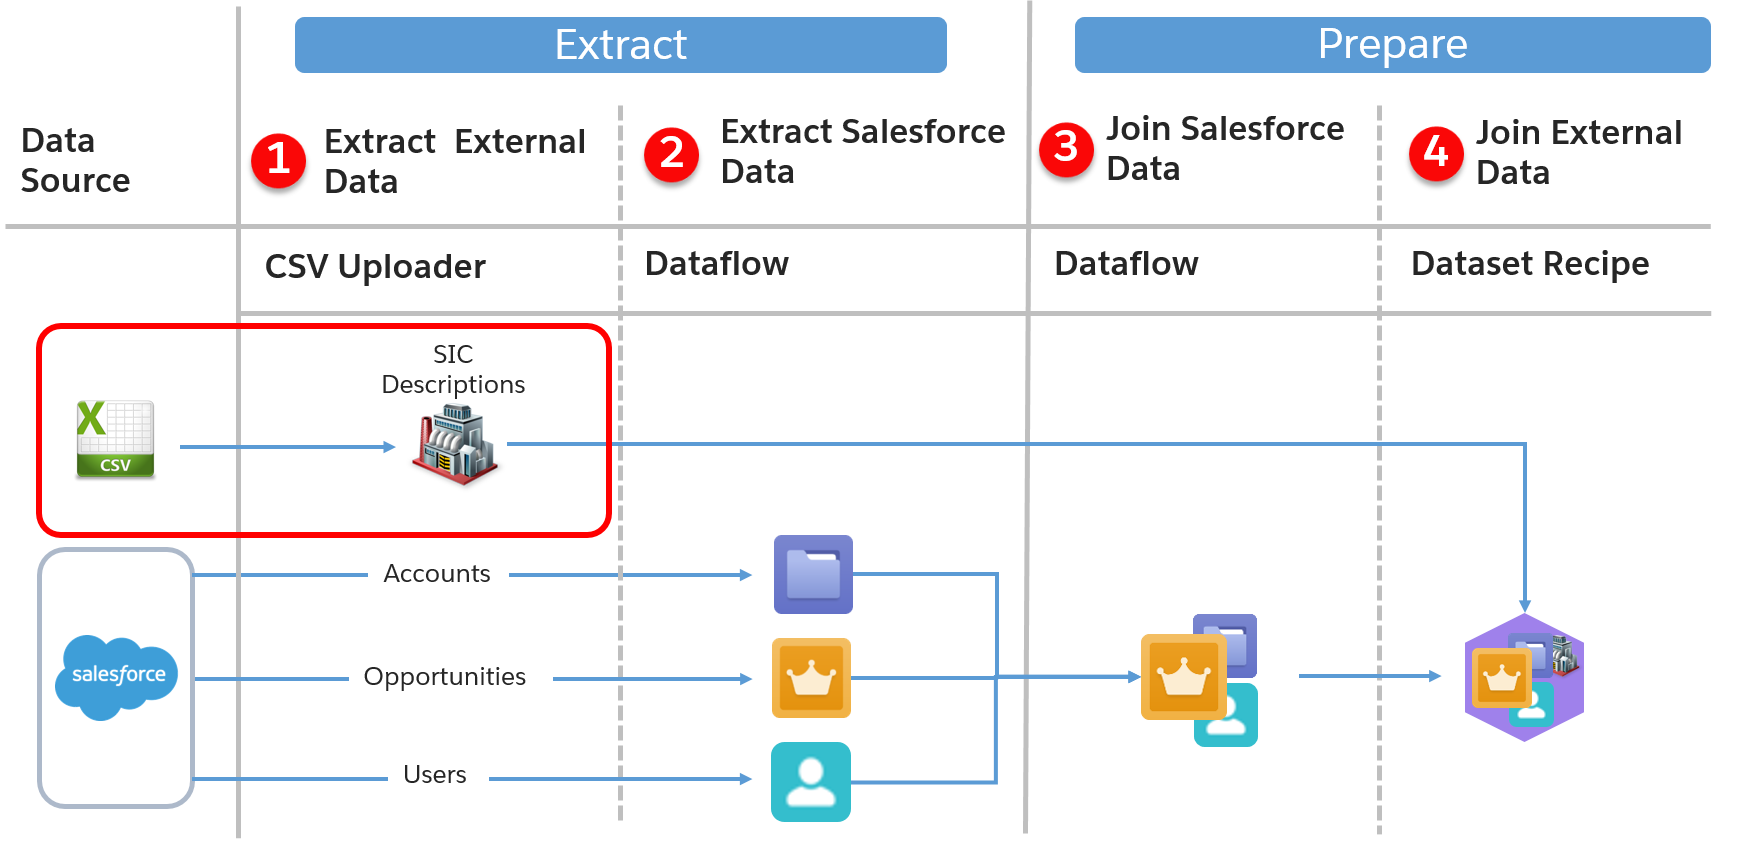 Mapa da jornada de dados com o processo de extração de dados externos em destaque